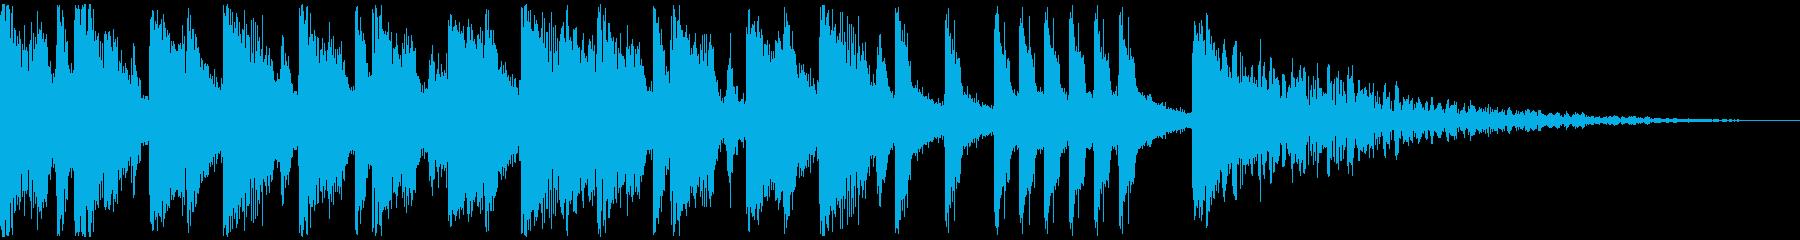 サイバーパンクをテーマにしたジングルの再生済みの波形